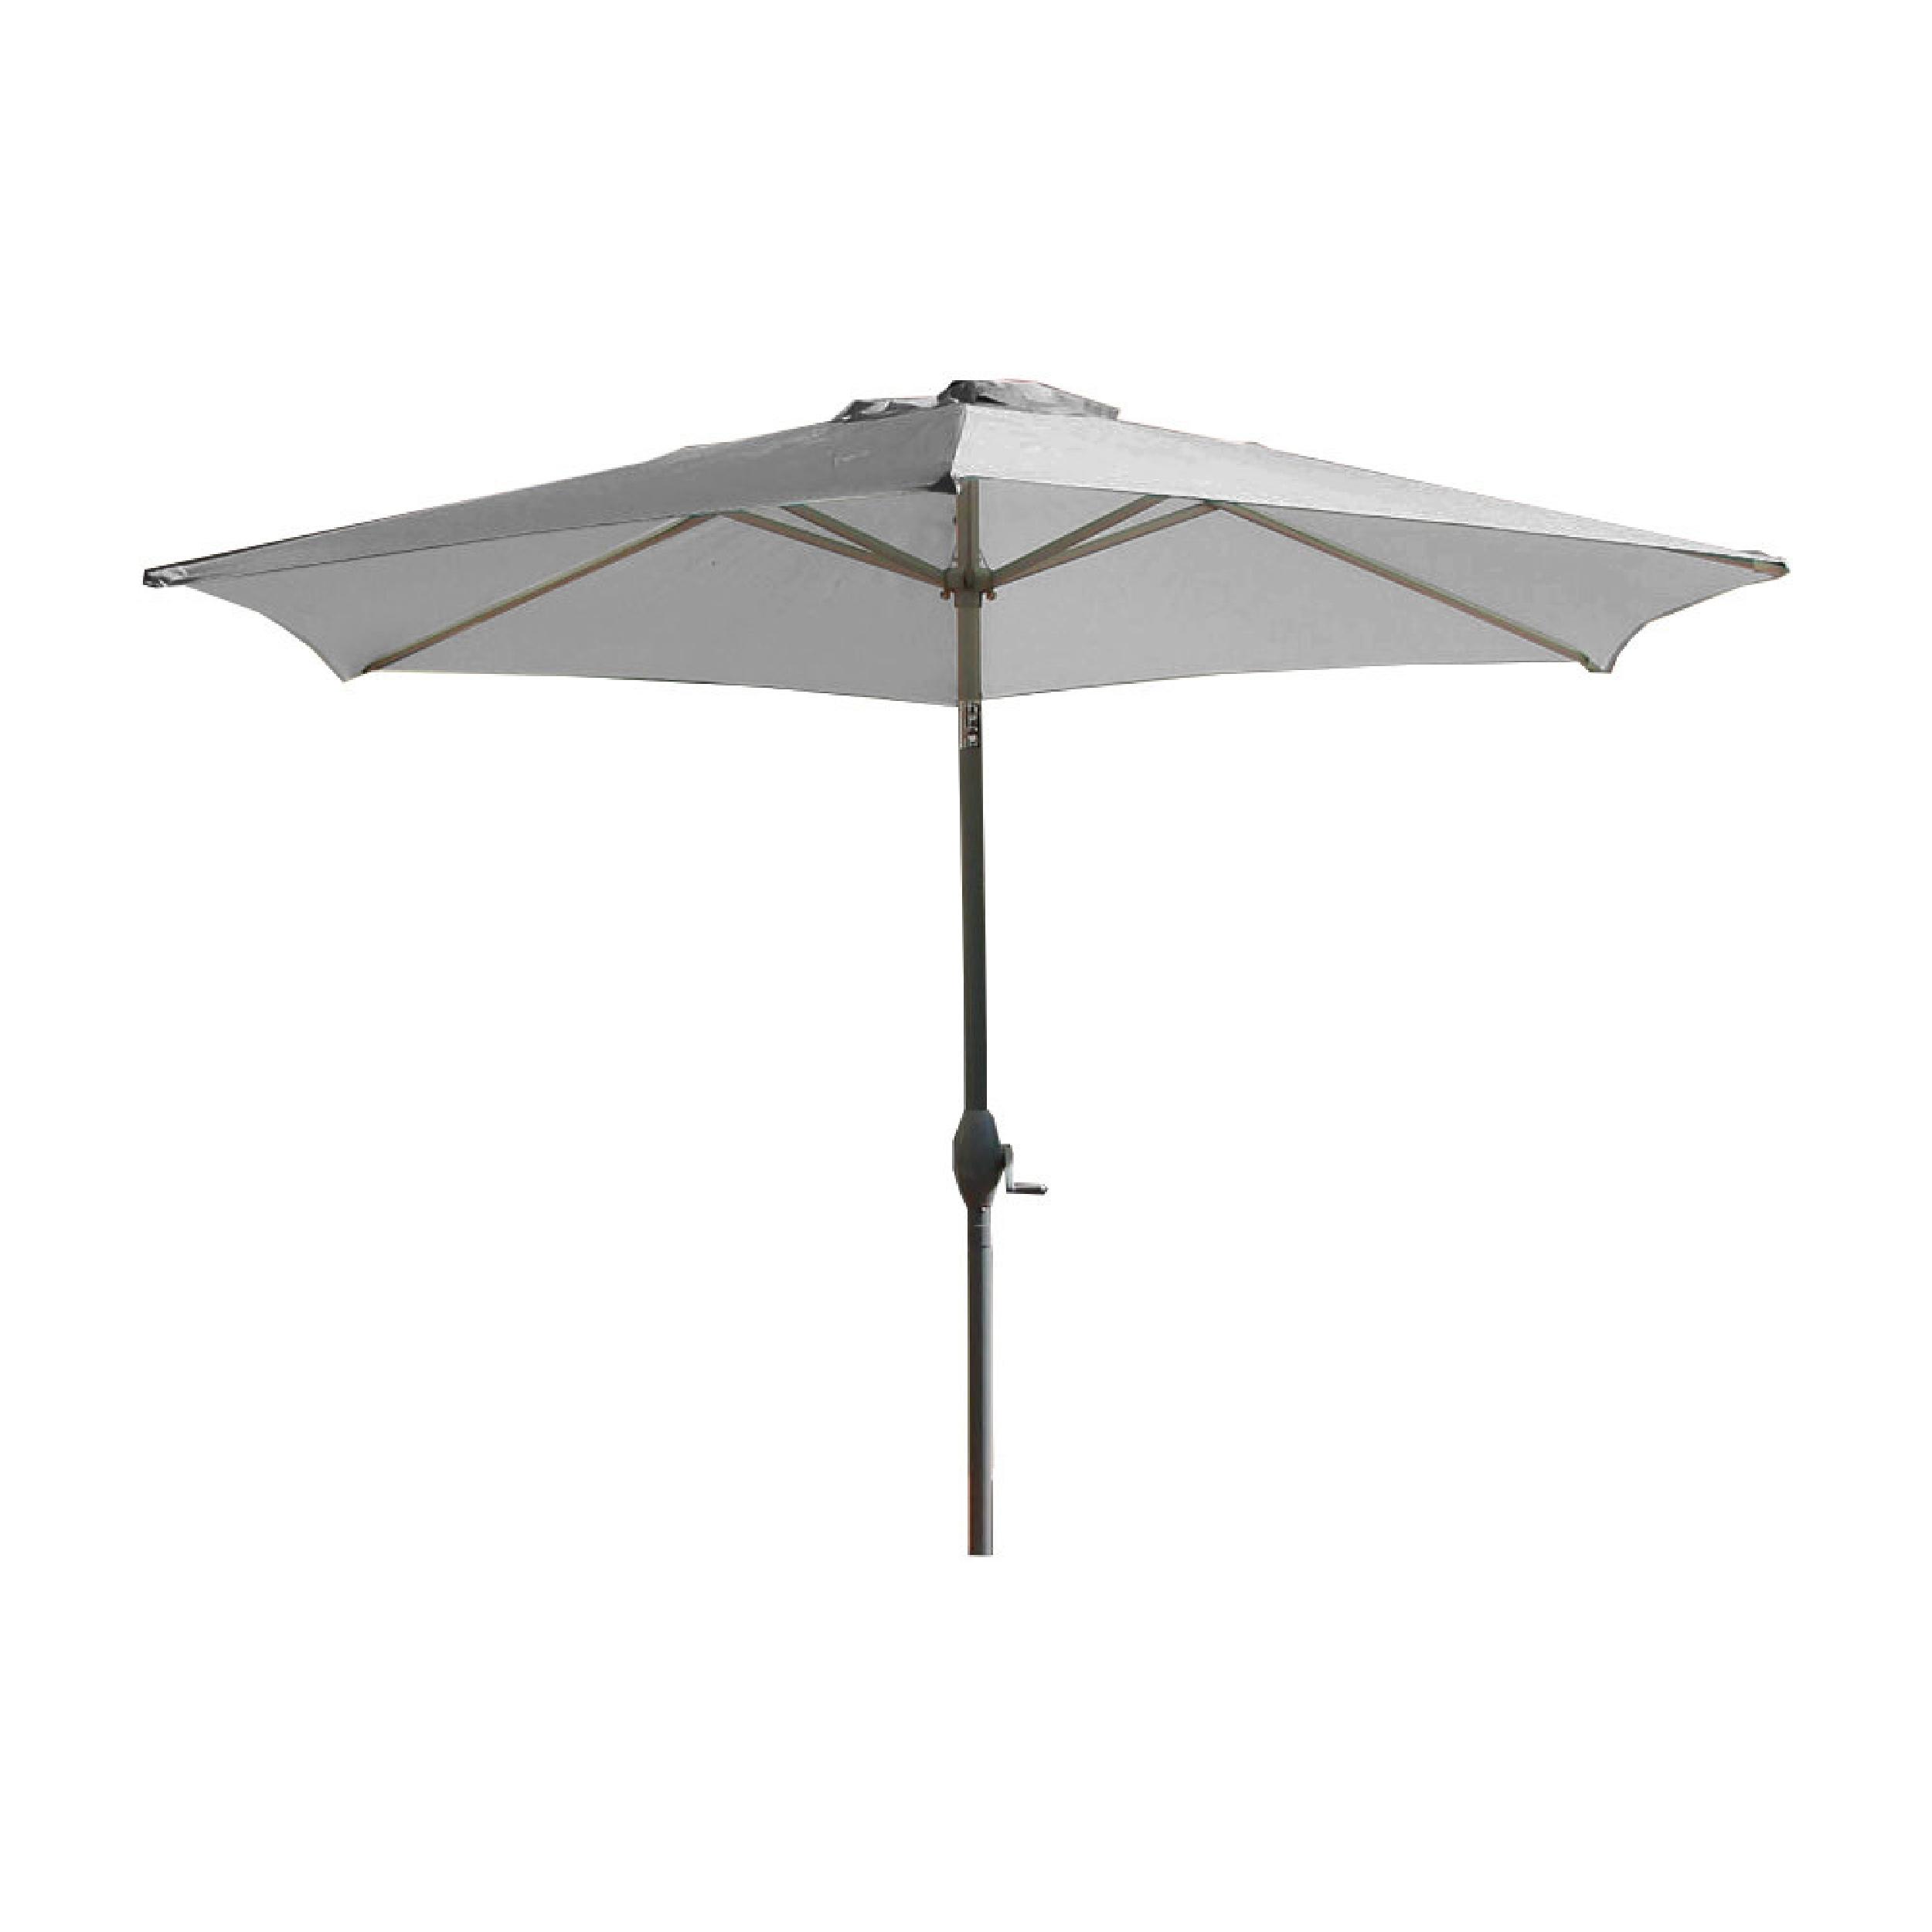 Parasol avec mât en aluminium et toile grise